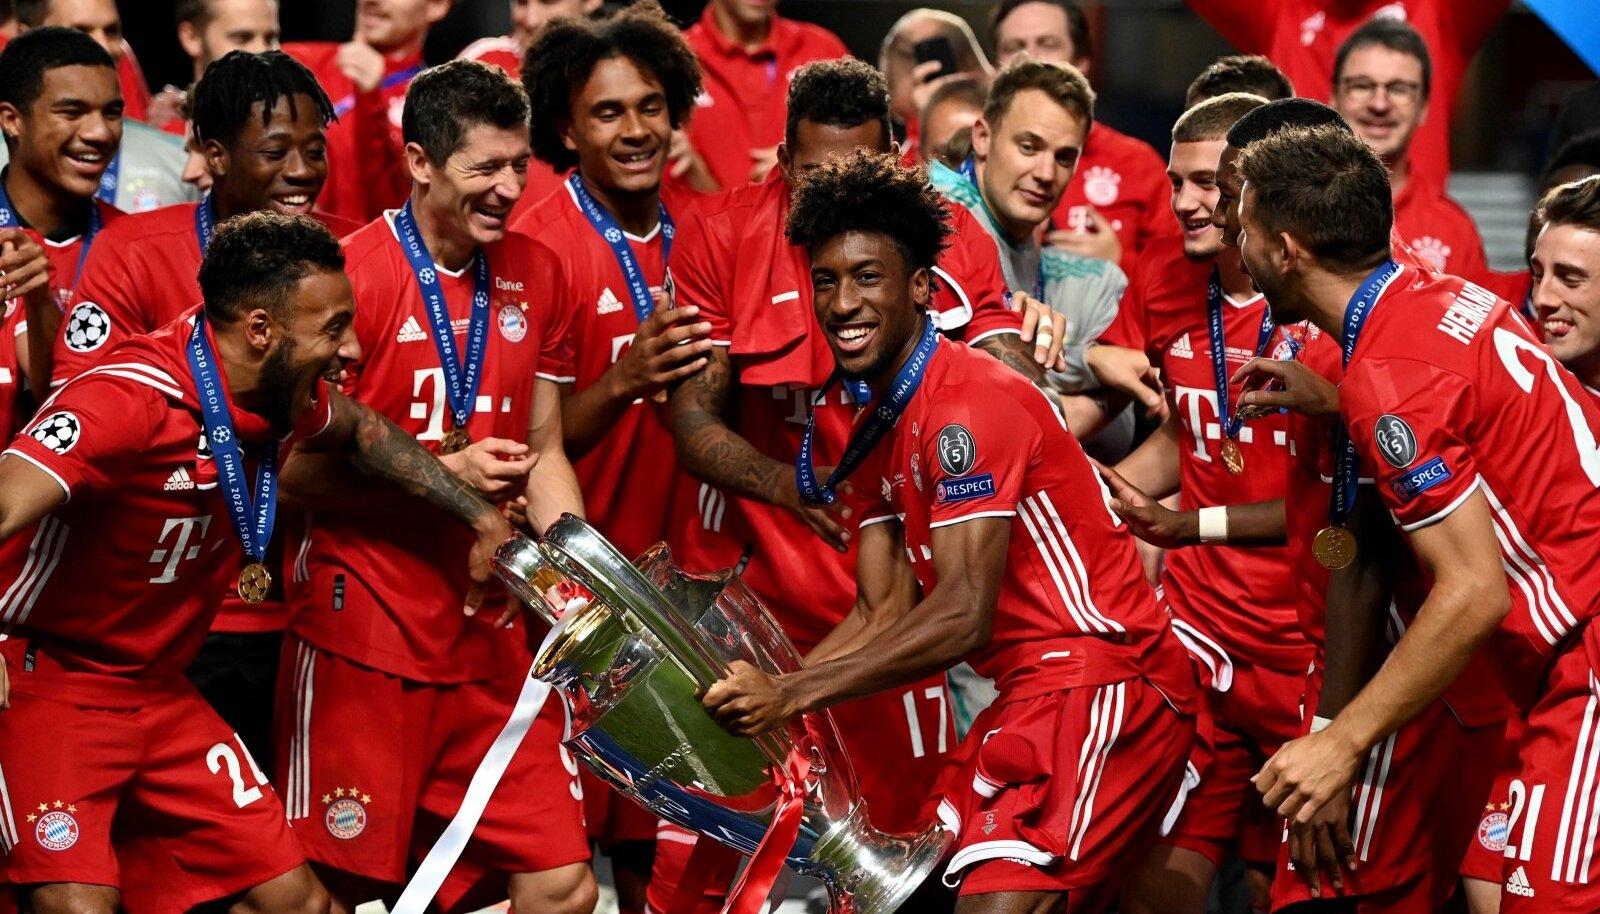 Müncheni Bayern võitis augustis Meistrite liiga trofee. Uue hooaja eel on nad taas suurimad favoriidid.